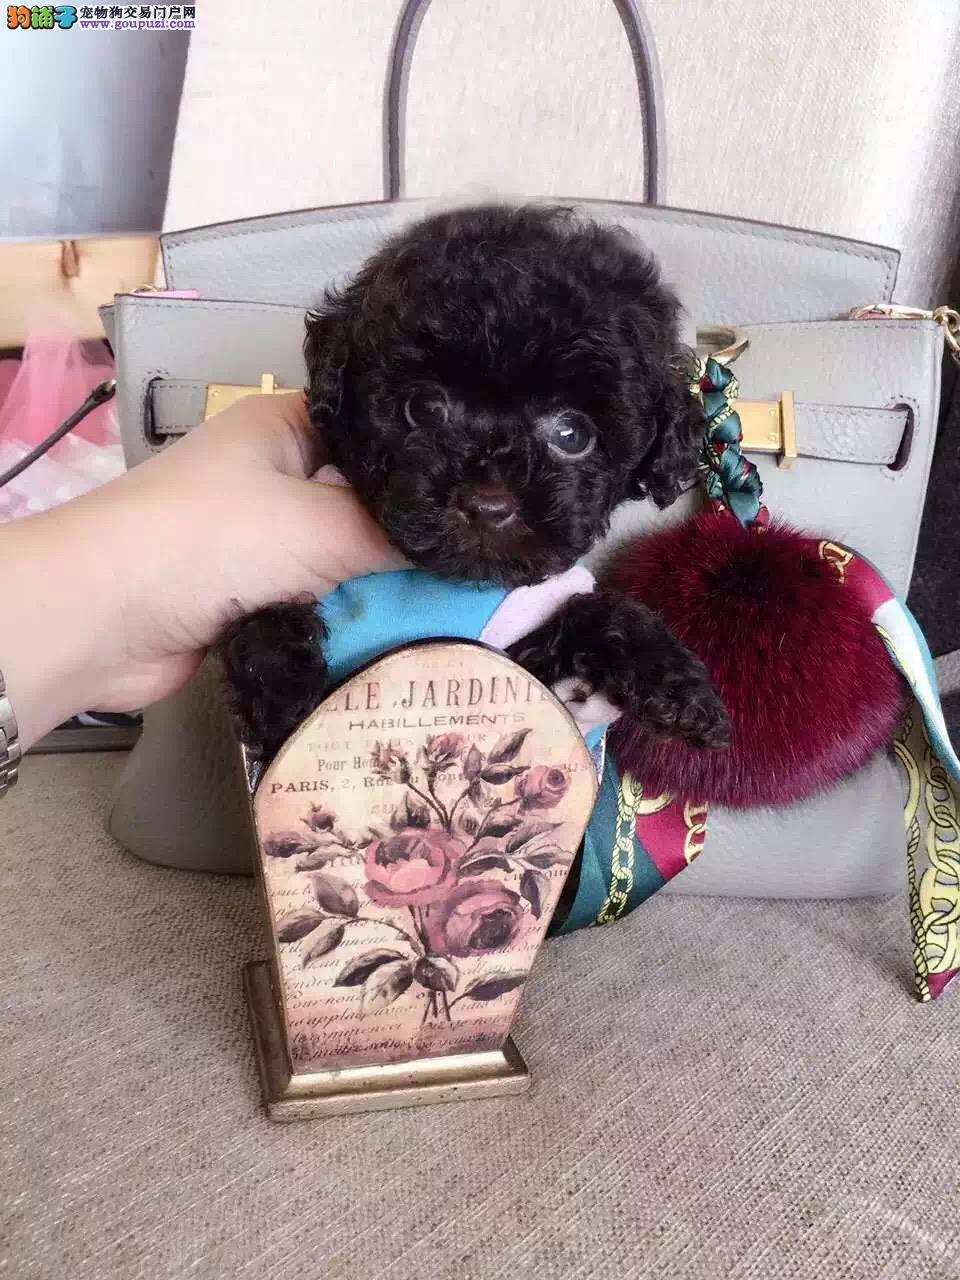 繁殖基地出售多种颜色的茶杯犬狗贩子请绕行